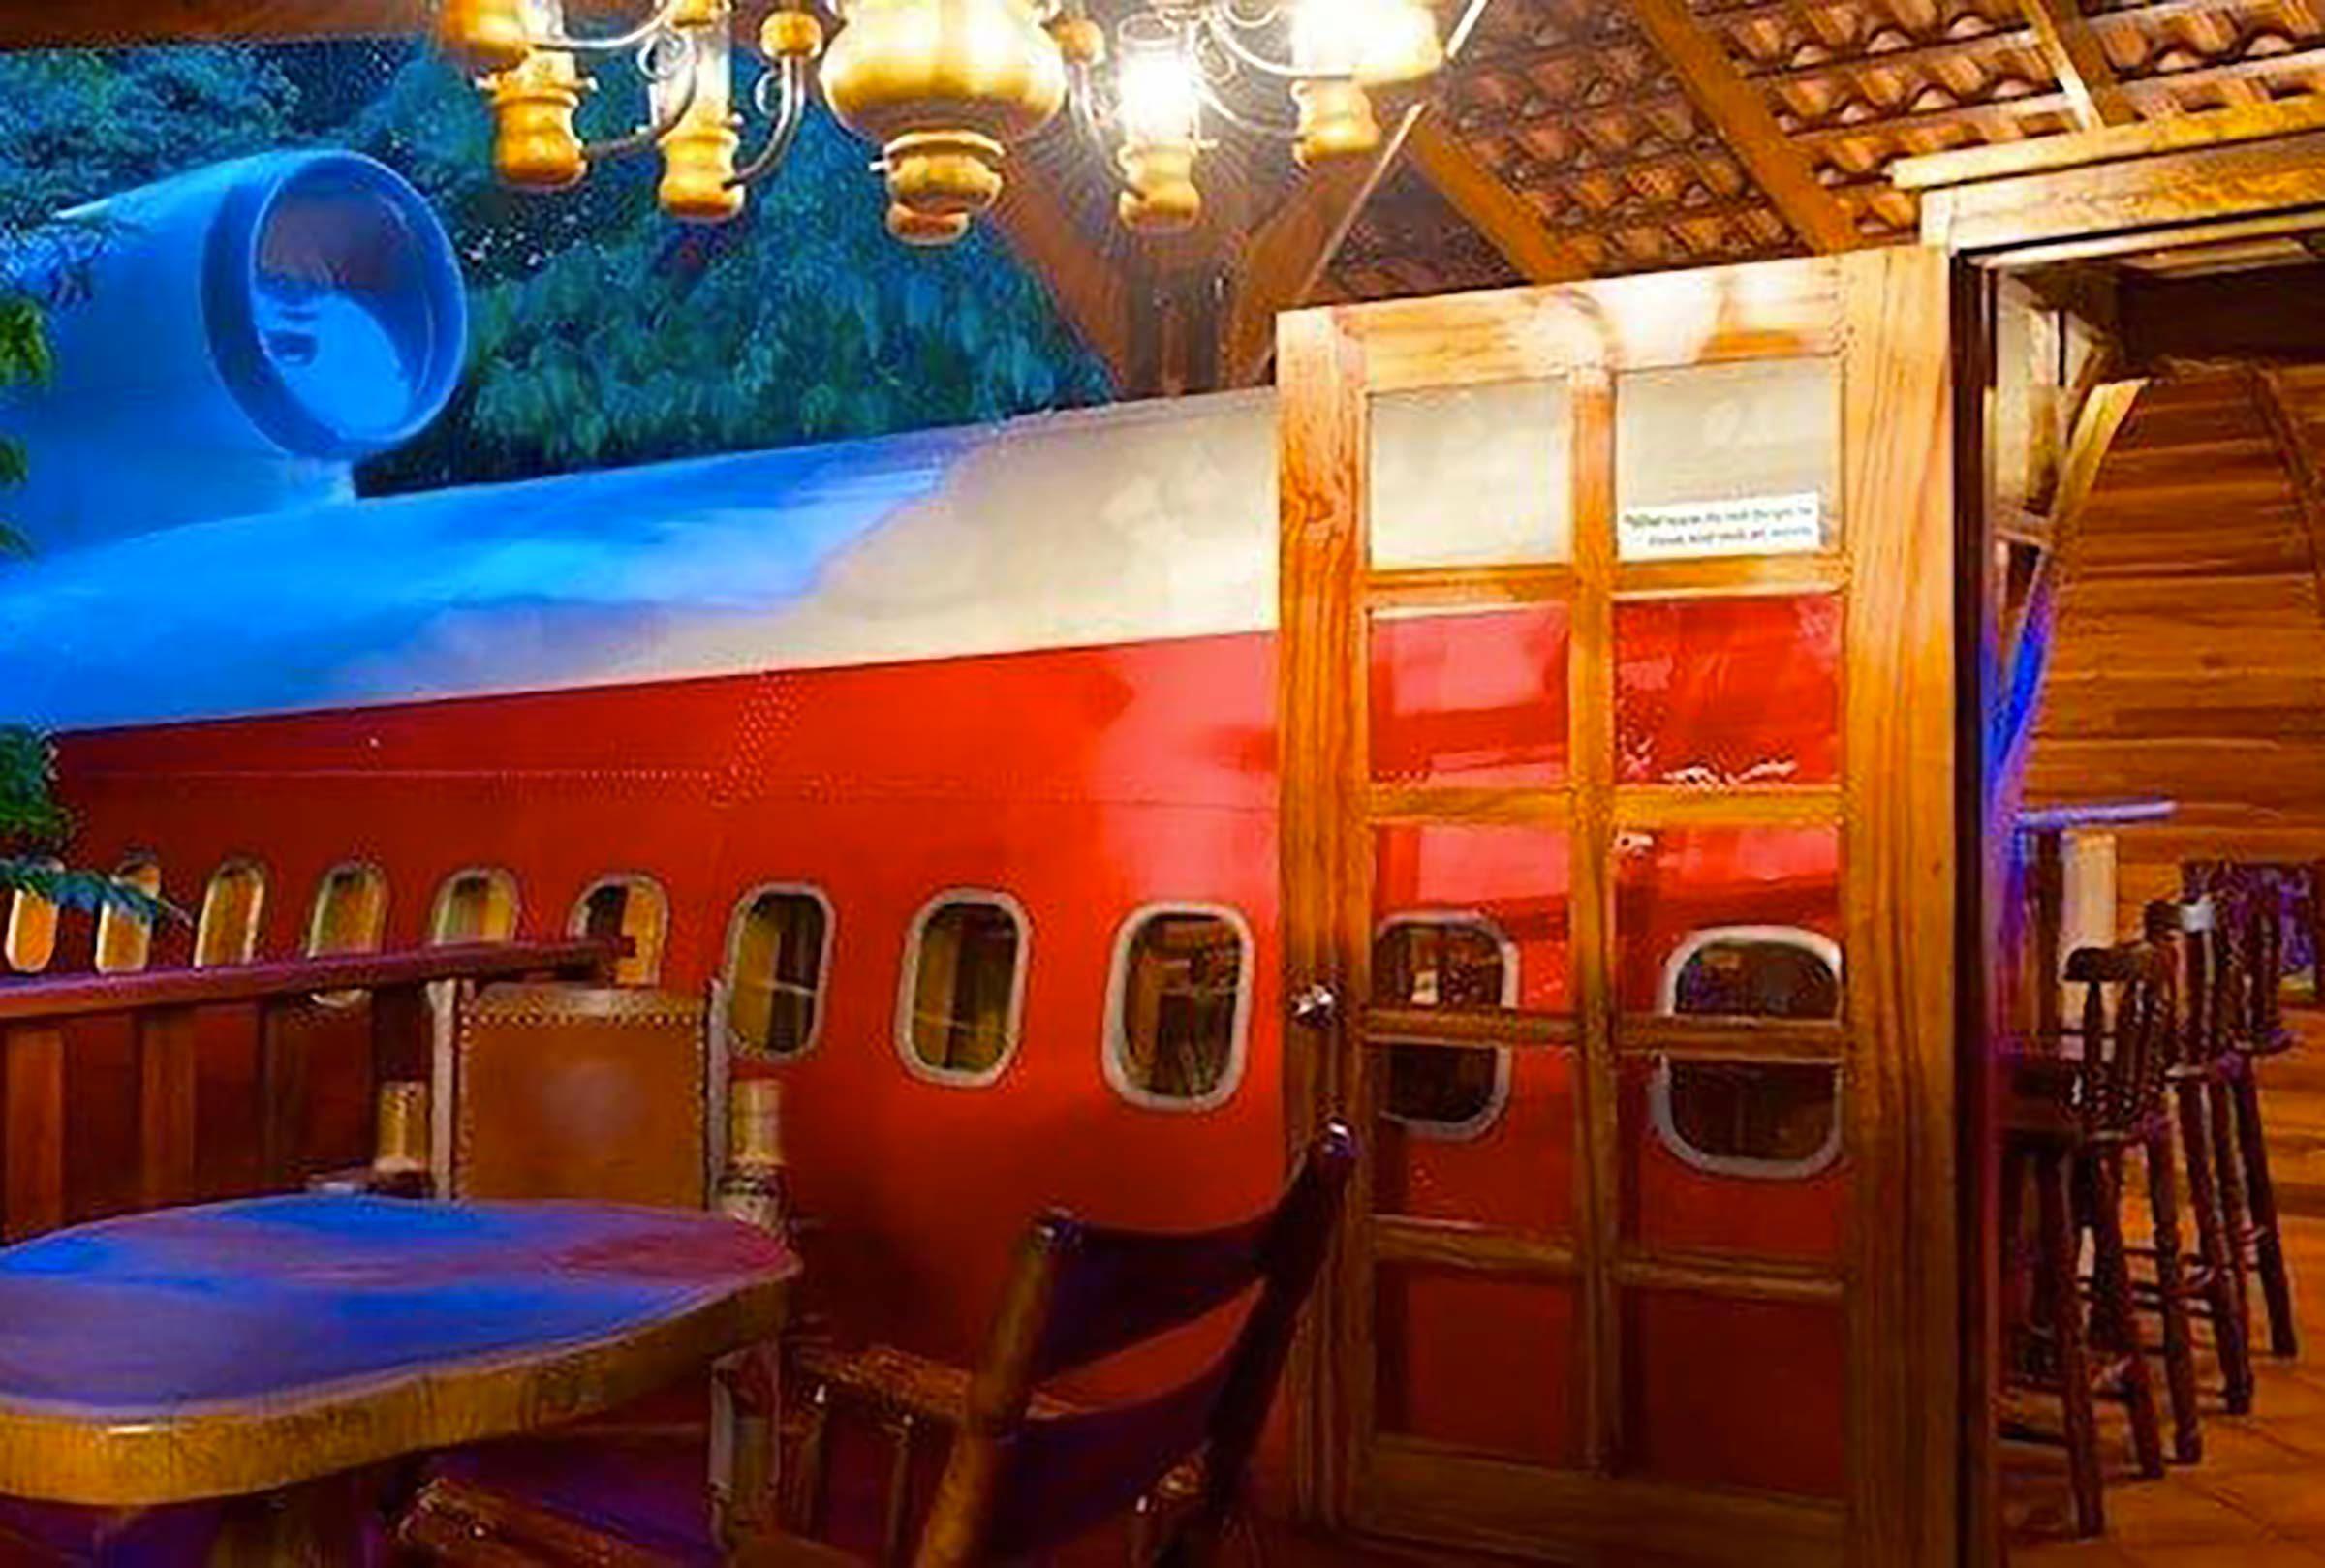 Séjour insolite à l'hôtel Costa Verde au Costa Rica.